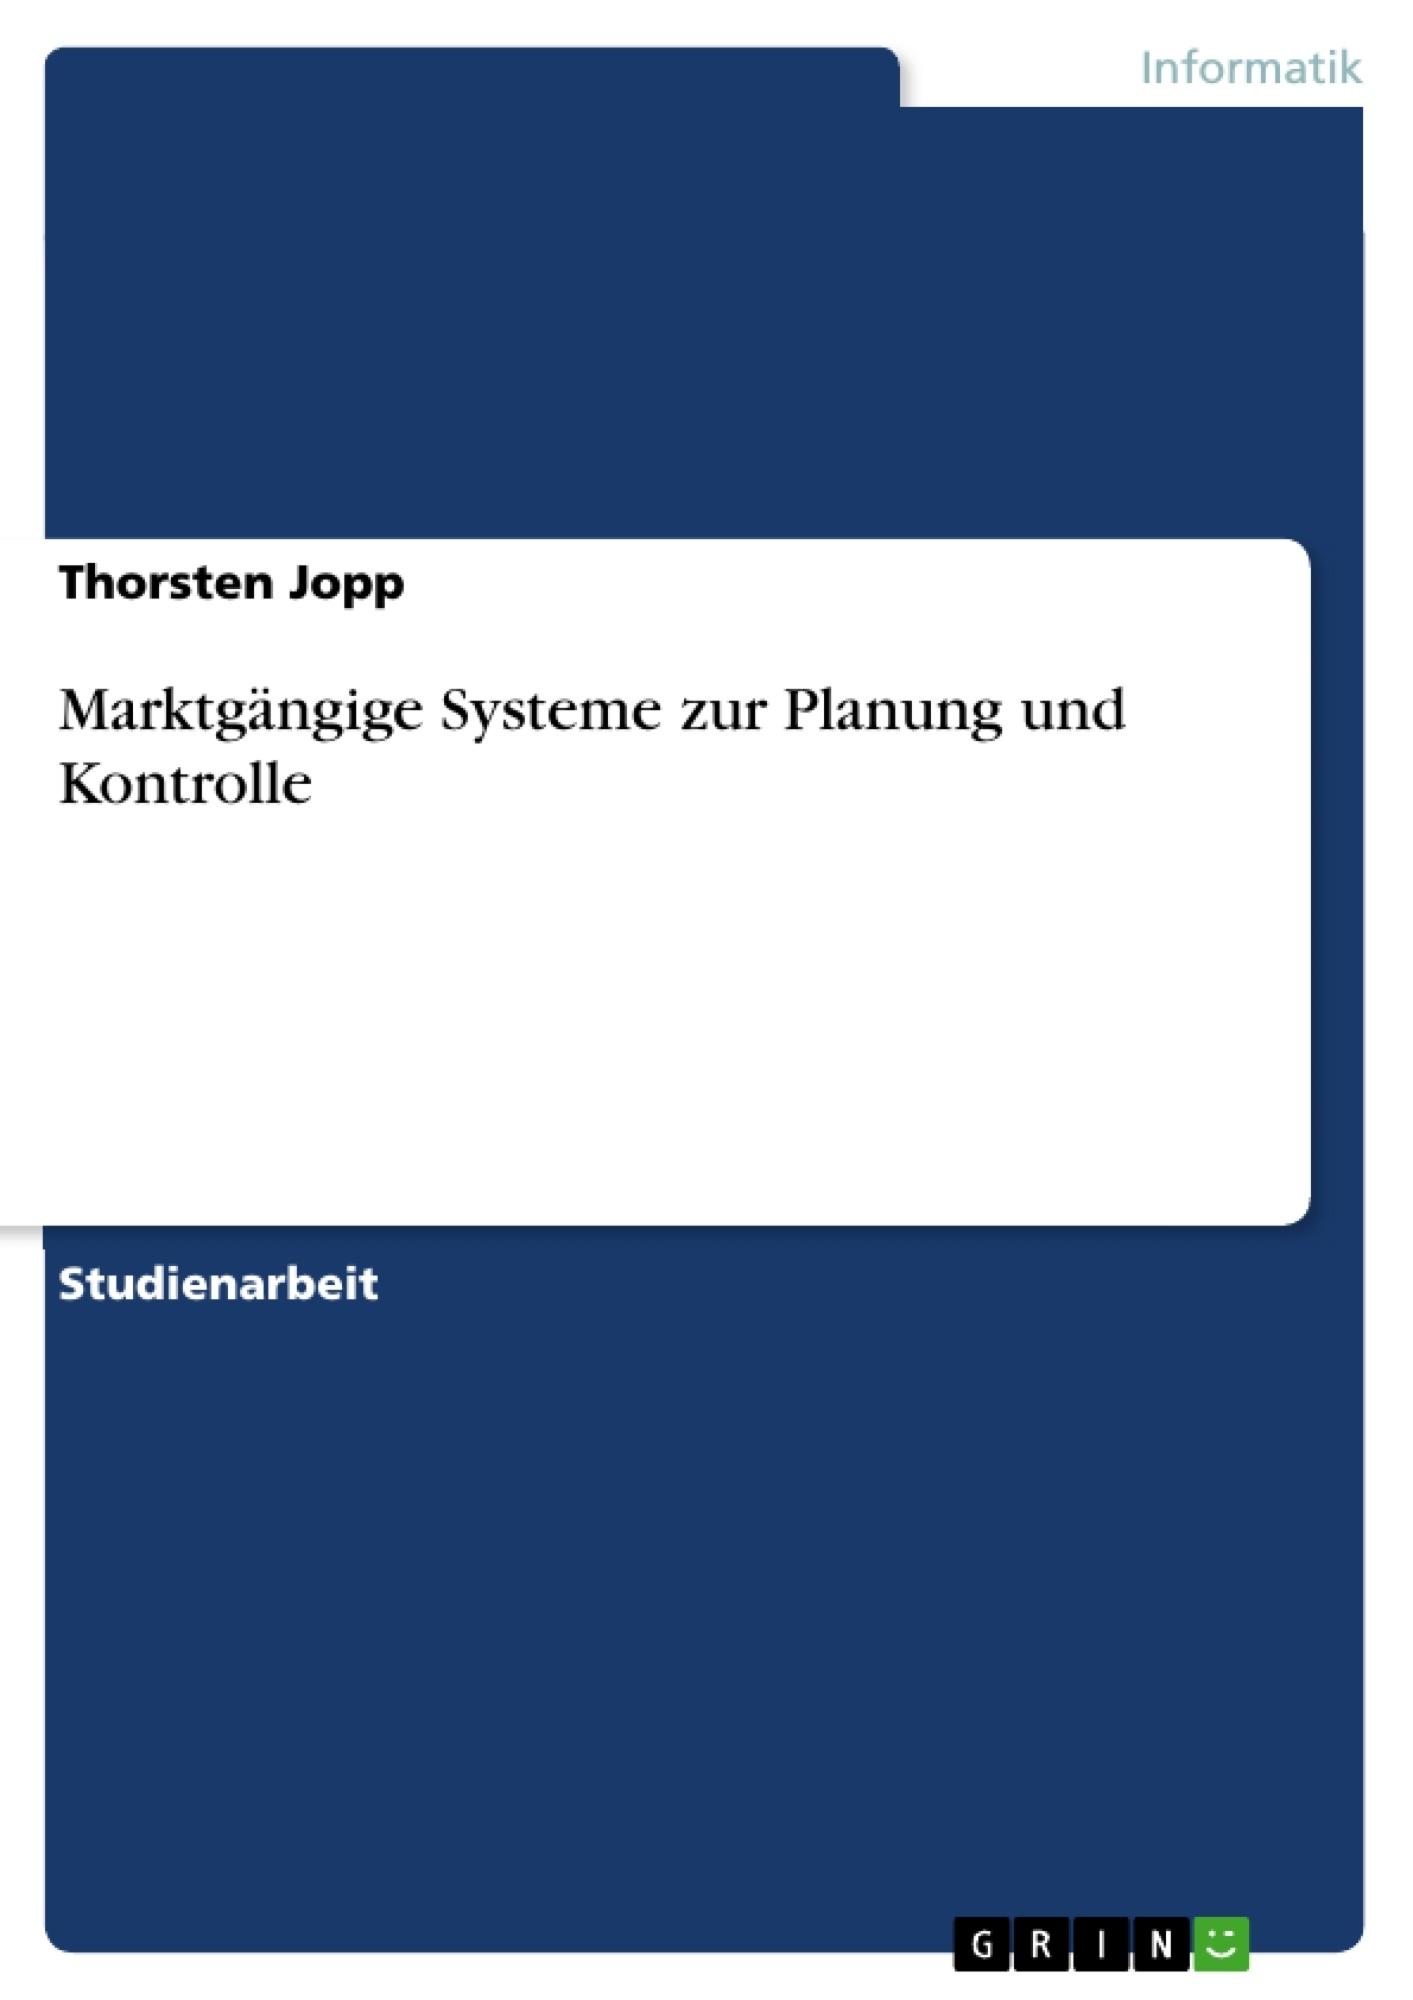 Titel: Marktgängige Systeme zur Planung und Kontrolle